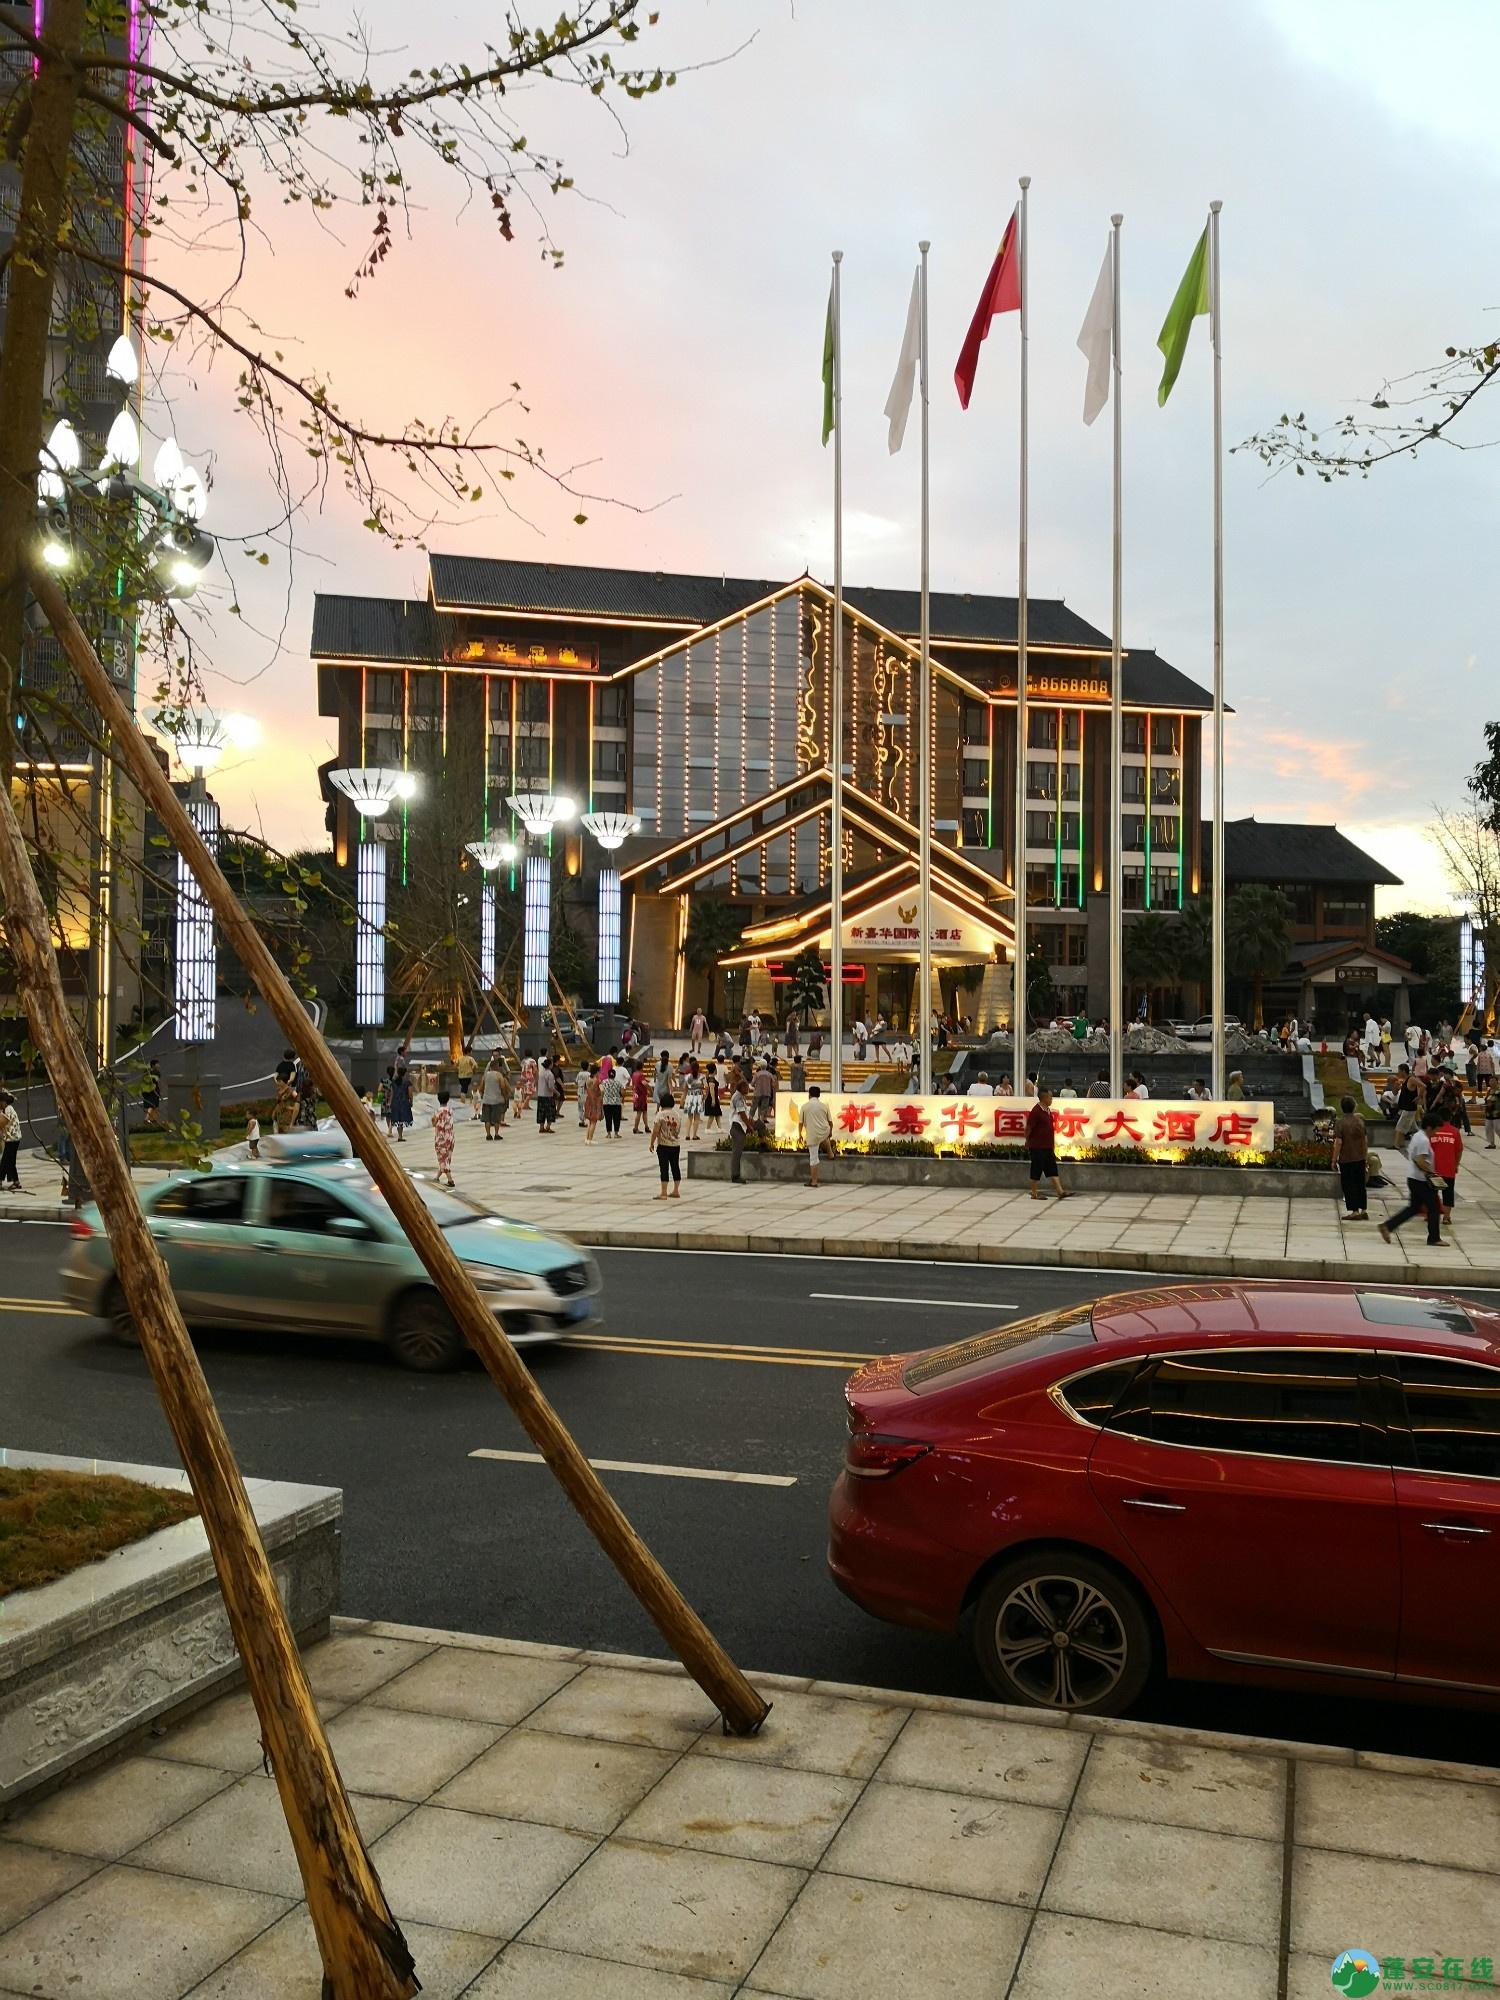 蓬安嘉陵第一桑梓棉麻路新城新貌 - 第16张  | 蓬安在线